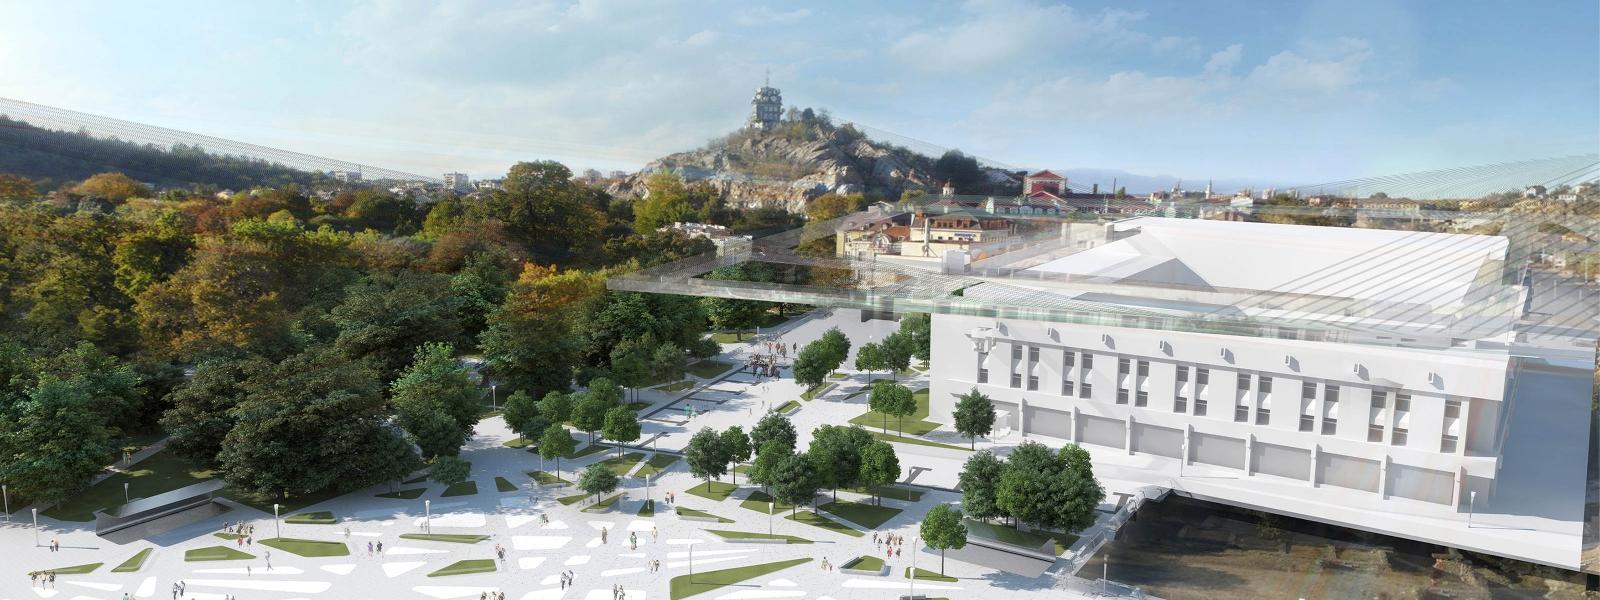 work-Концепция реконструкции центральной площади Пловдива, Болгария